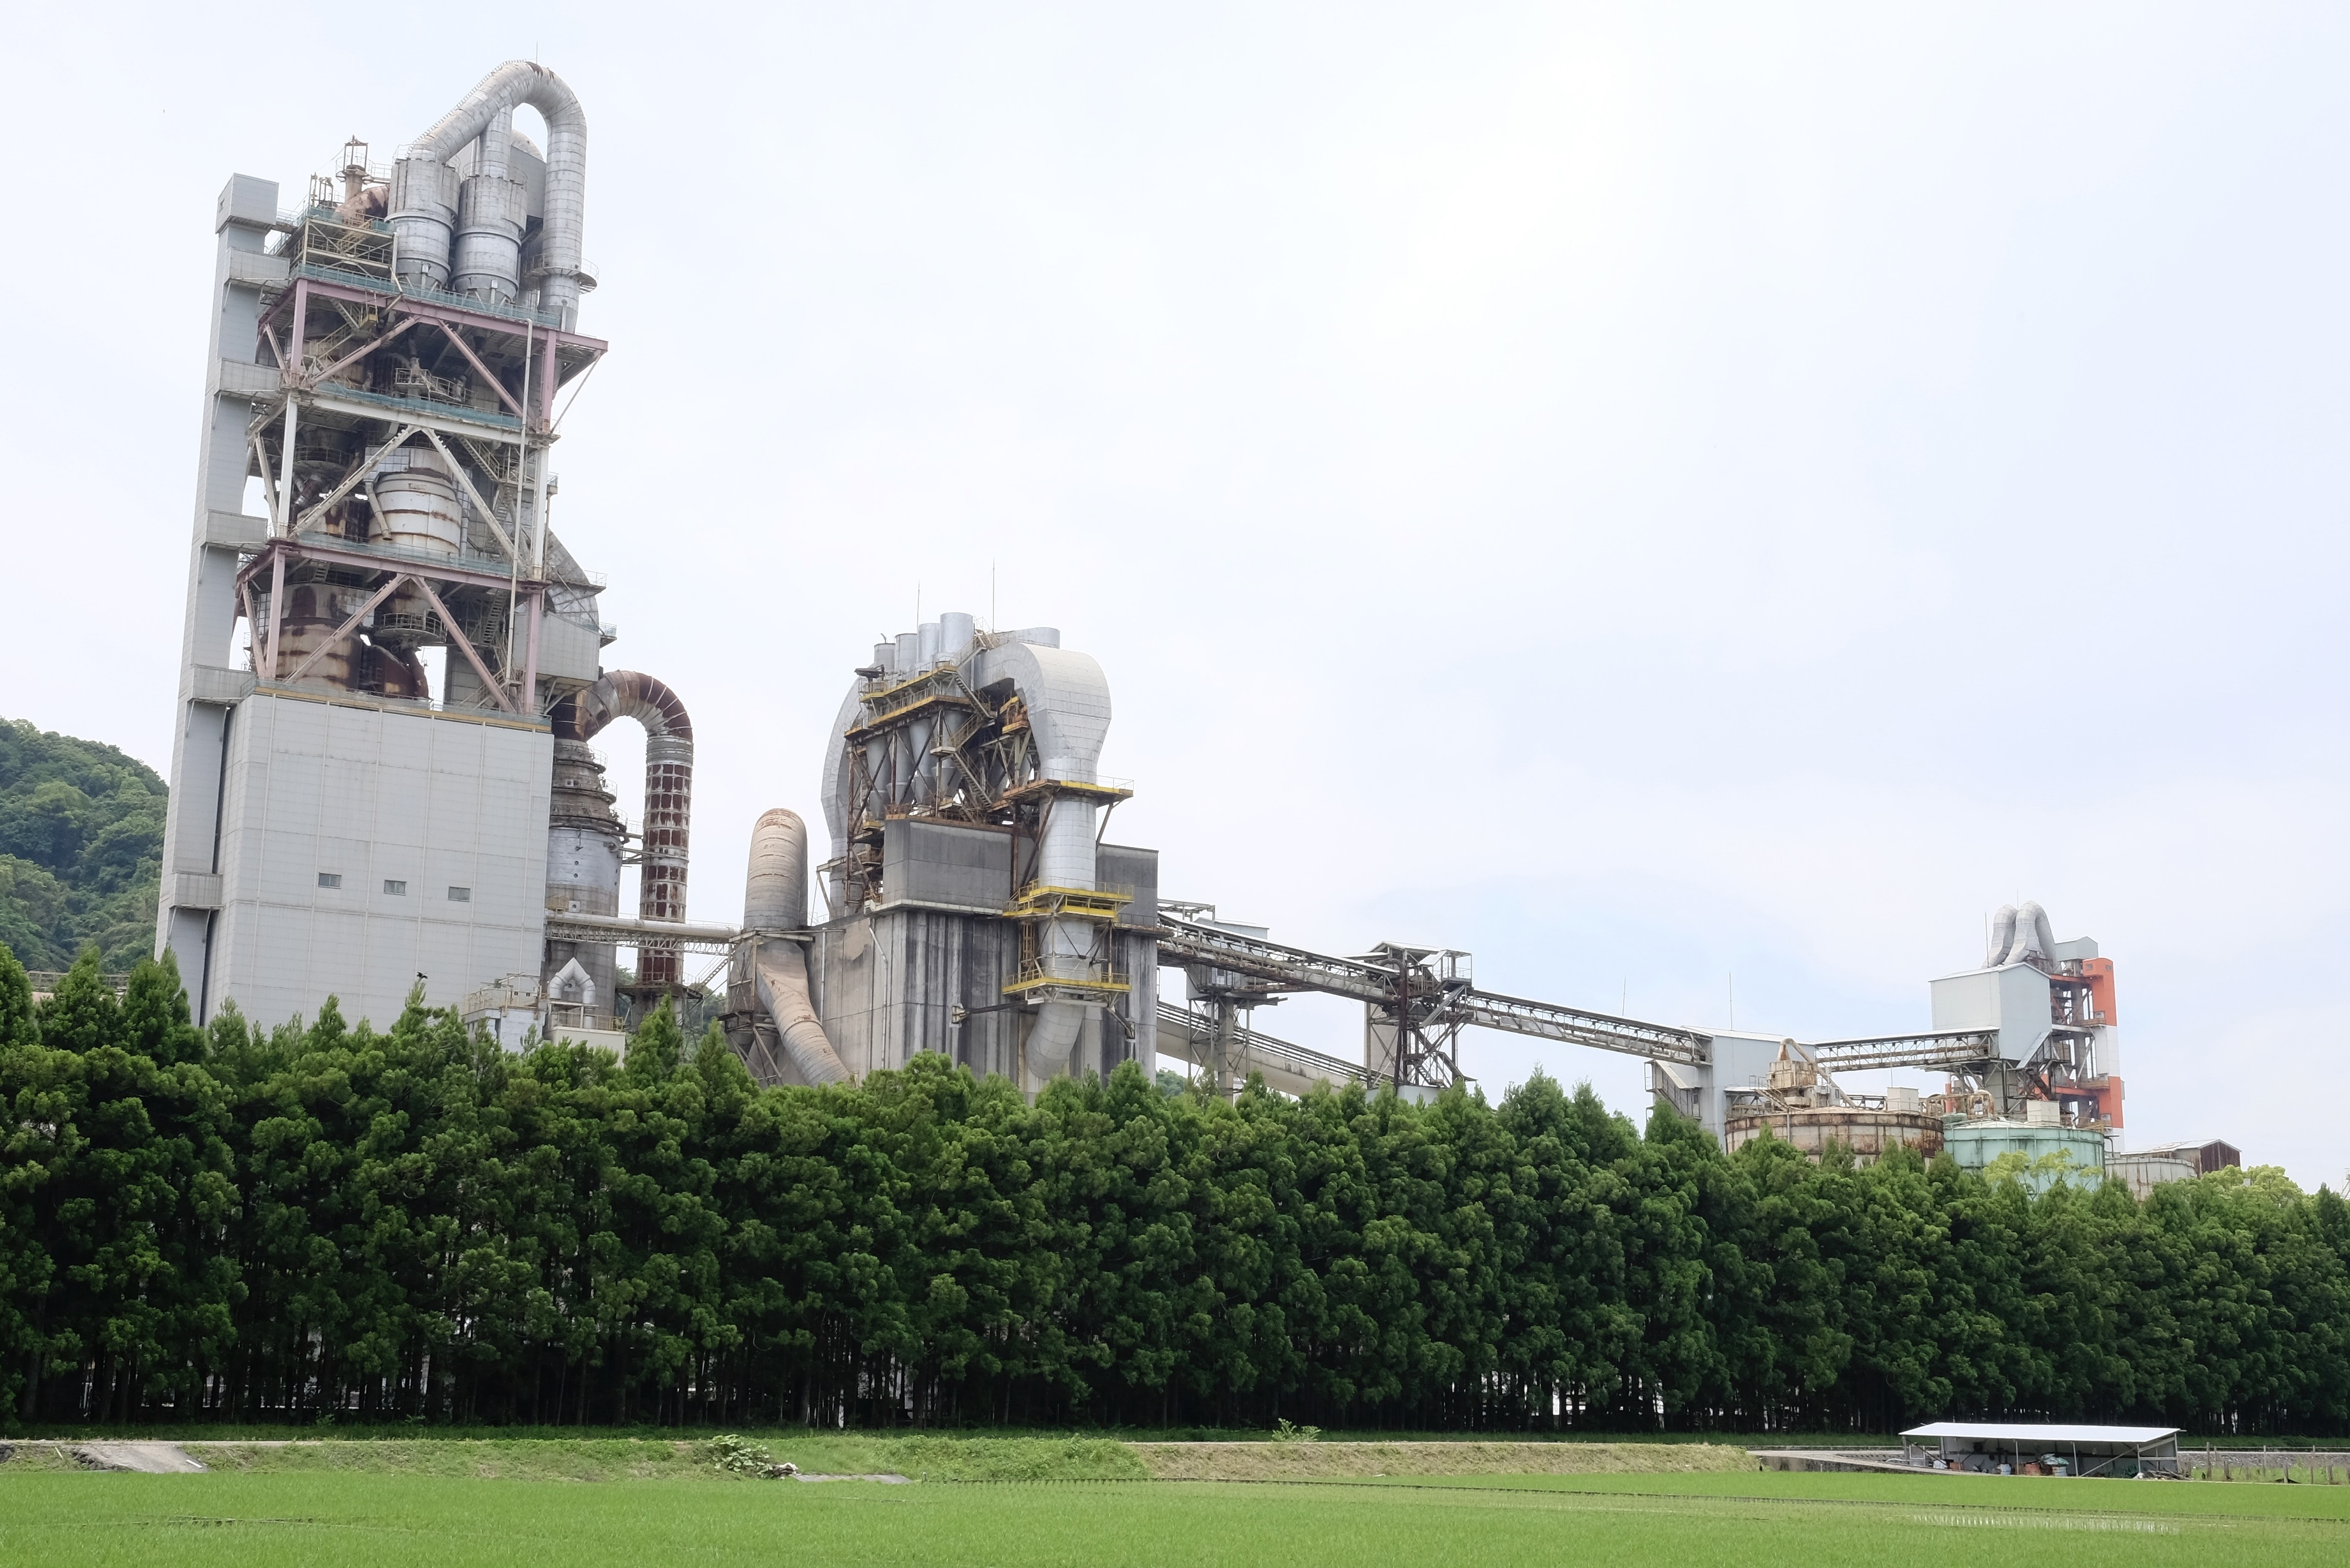 Susaki industrial plant